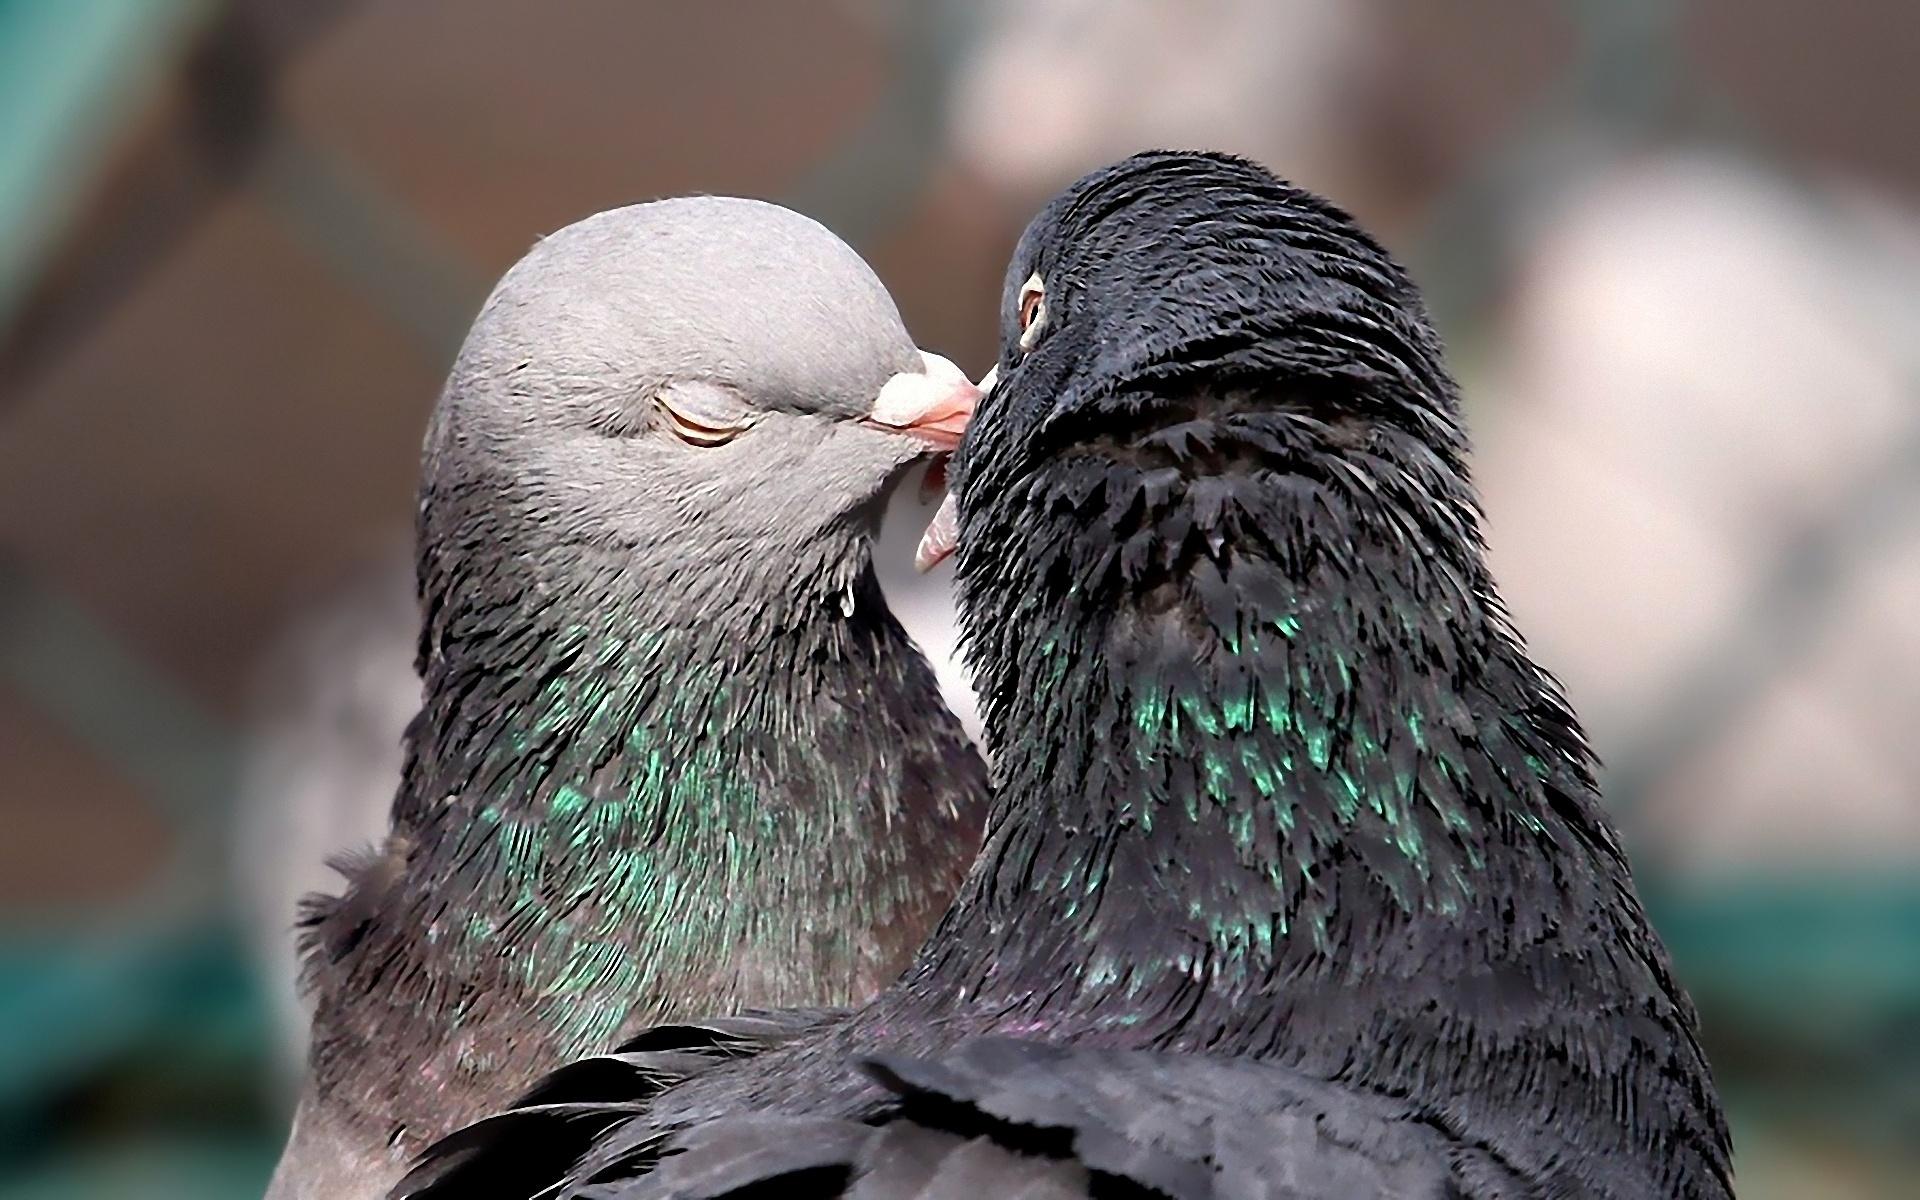 фото при голуби любви фото разработке новых интересных